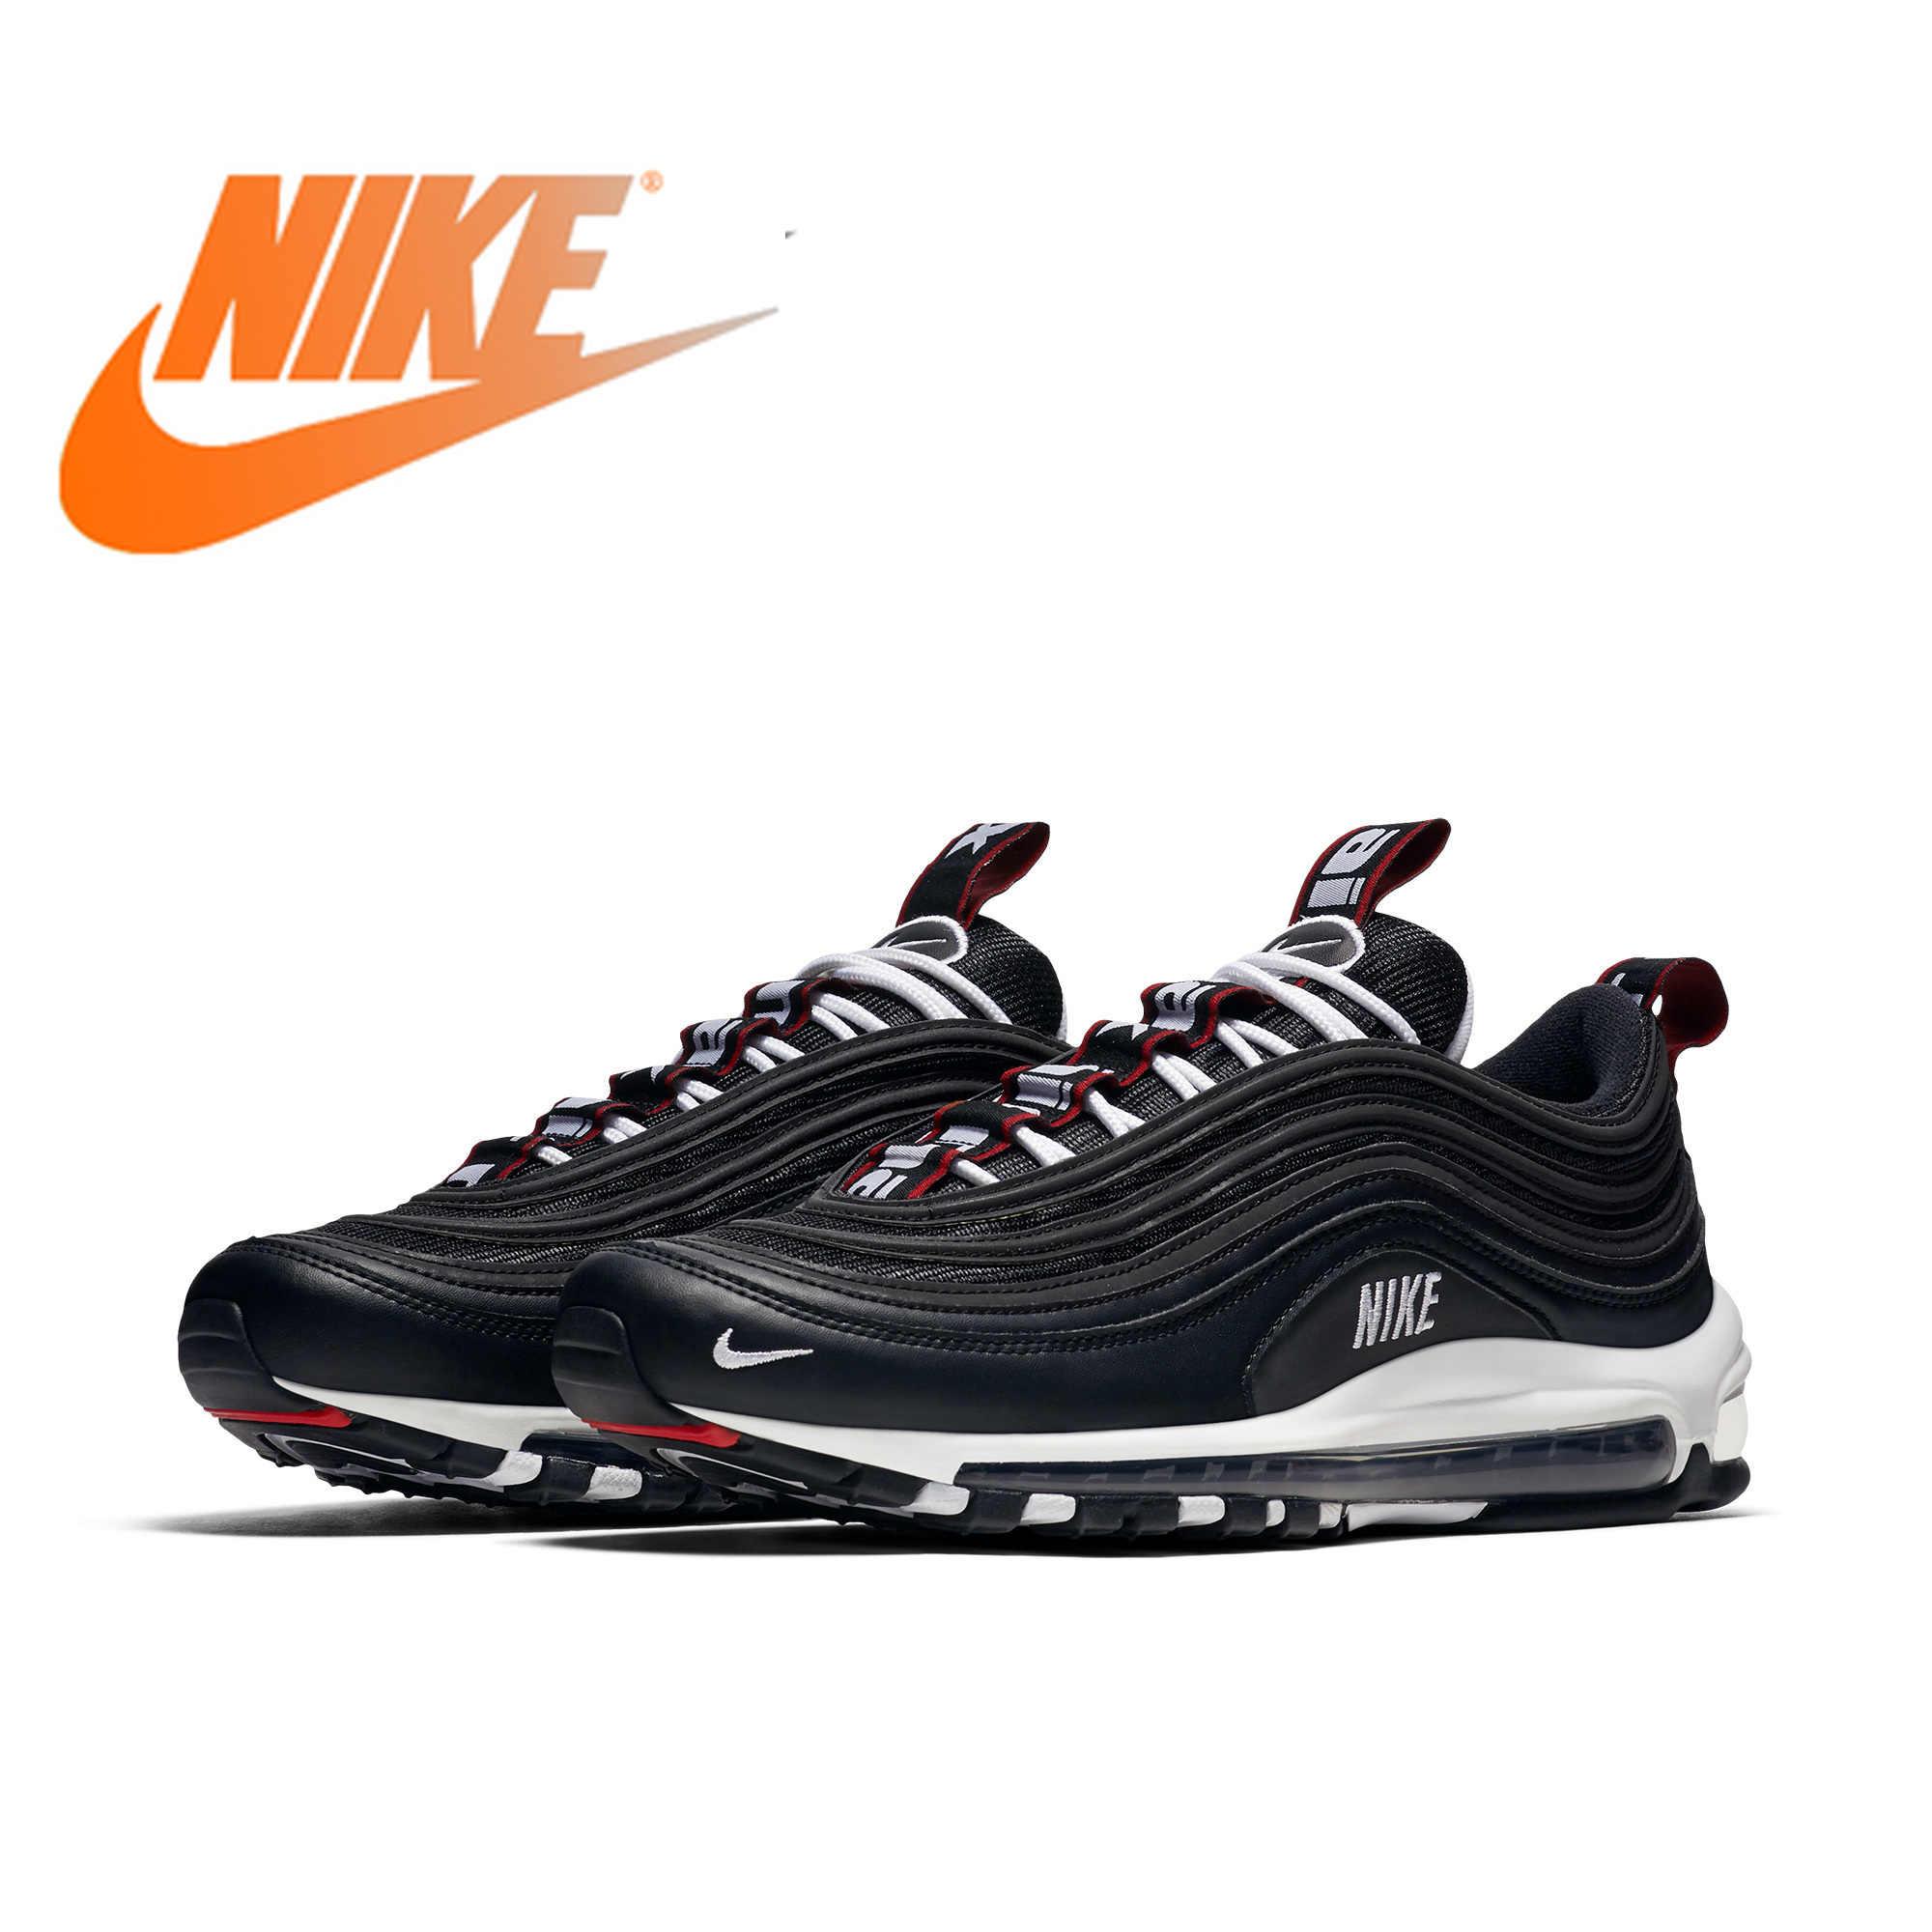 Nike Air Max 97 Original Premium hombres zapatillas de